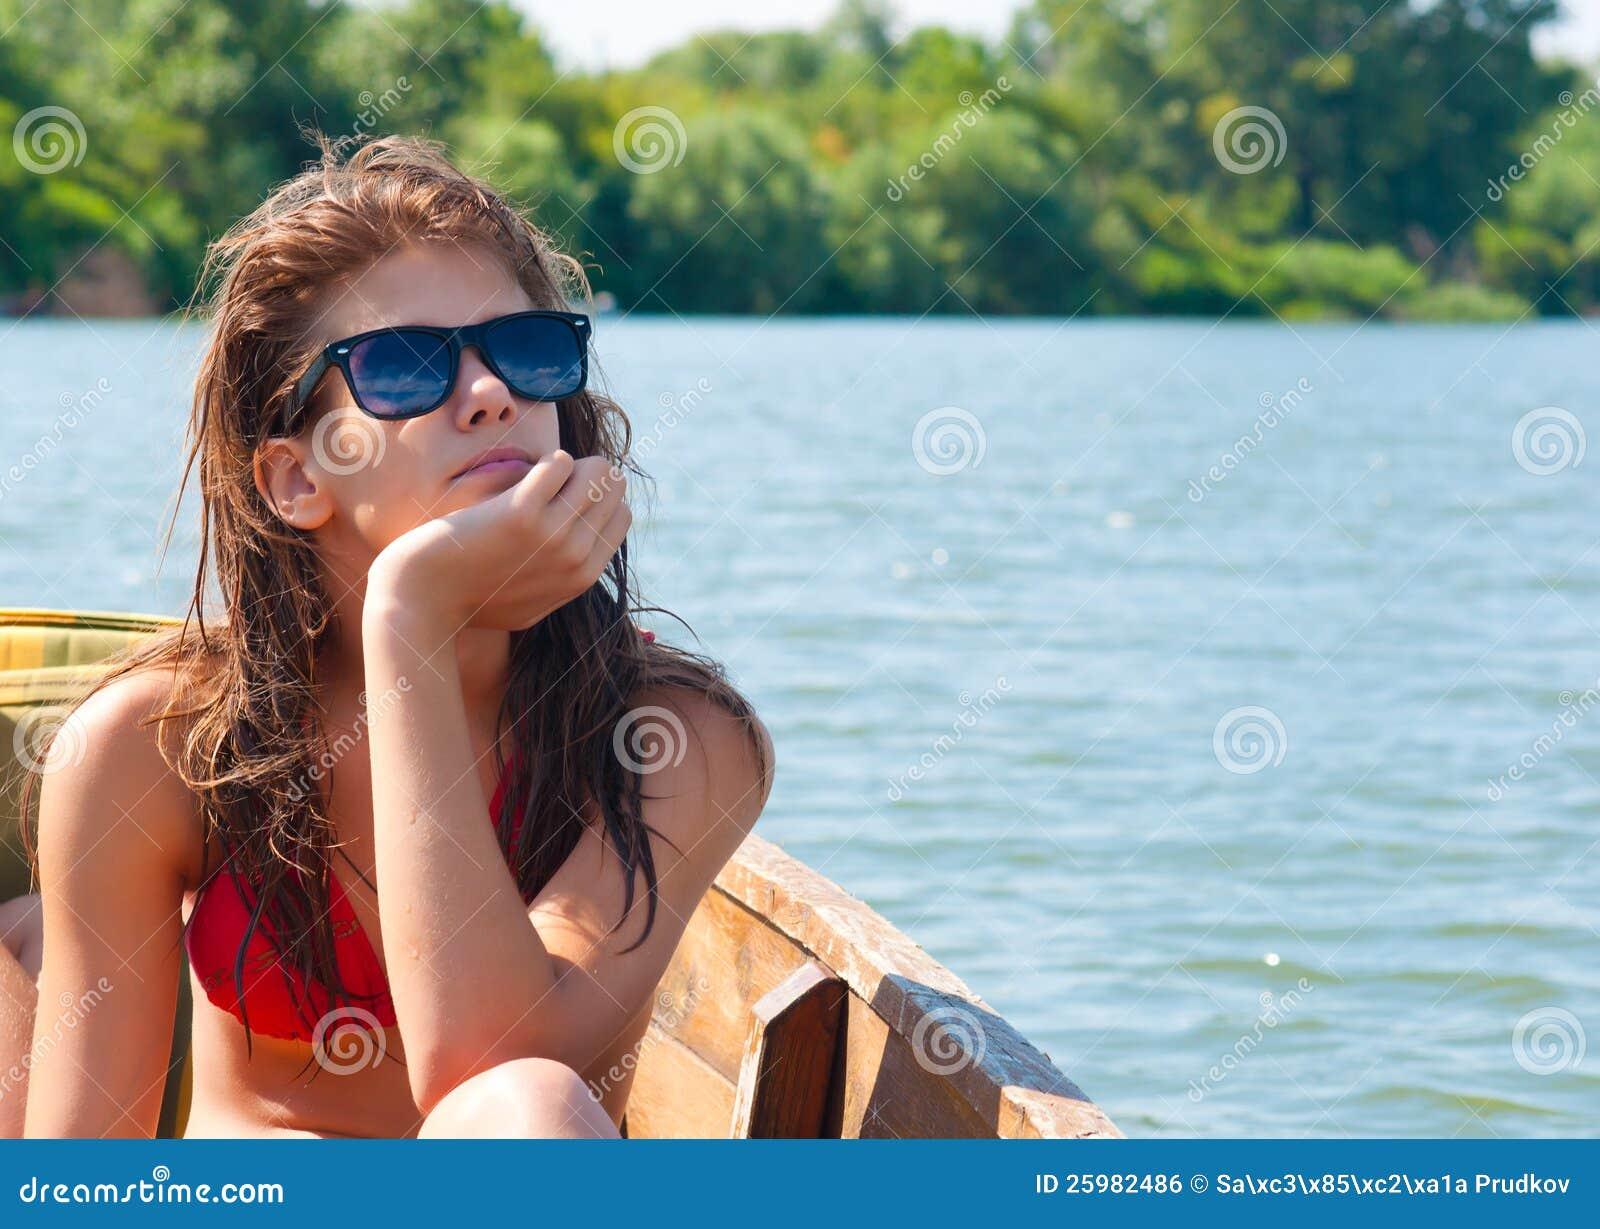 sweet teenage girl sunbathing